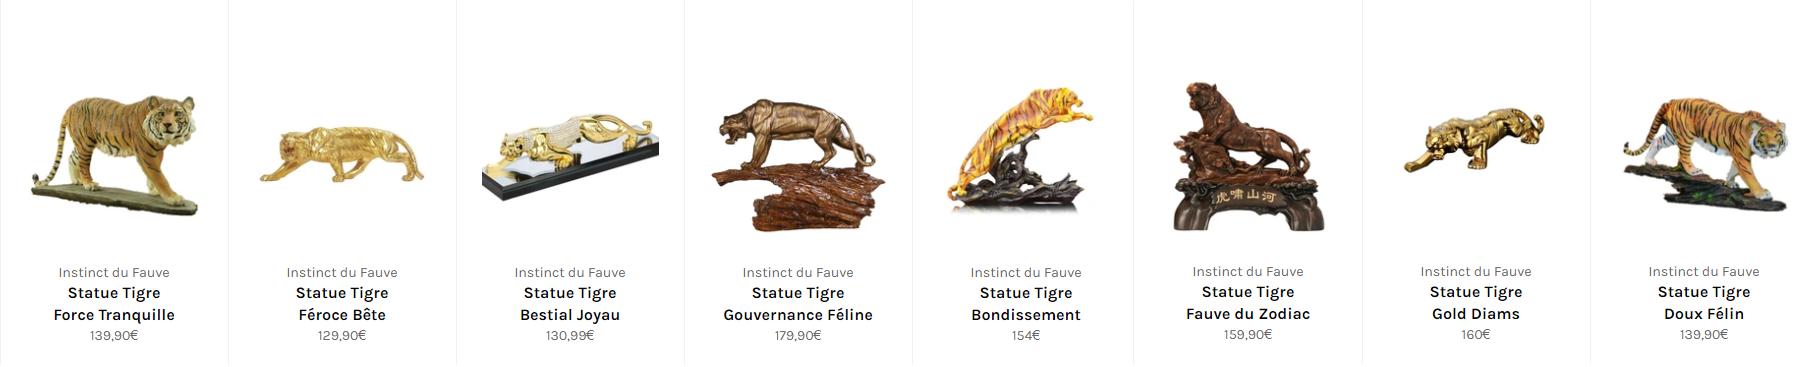 statue tigre maltais